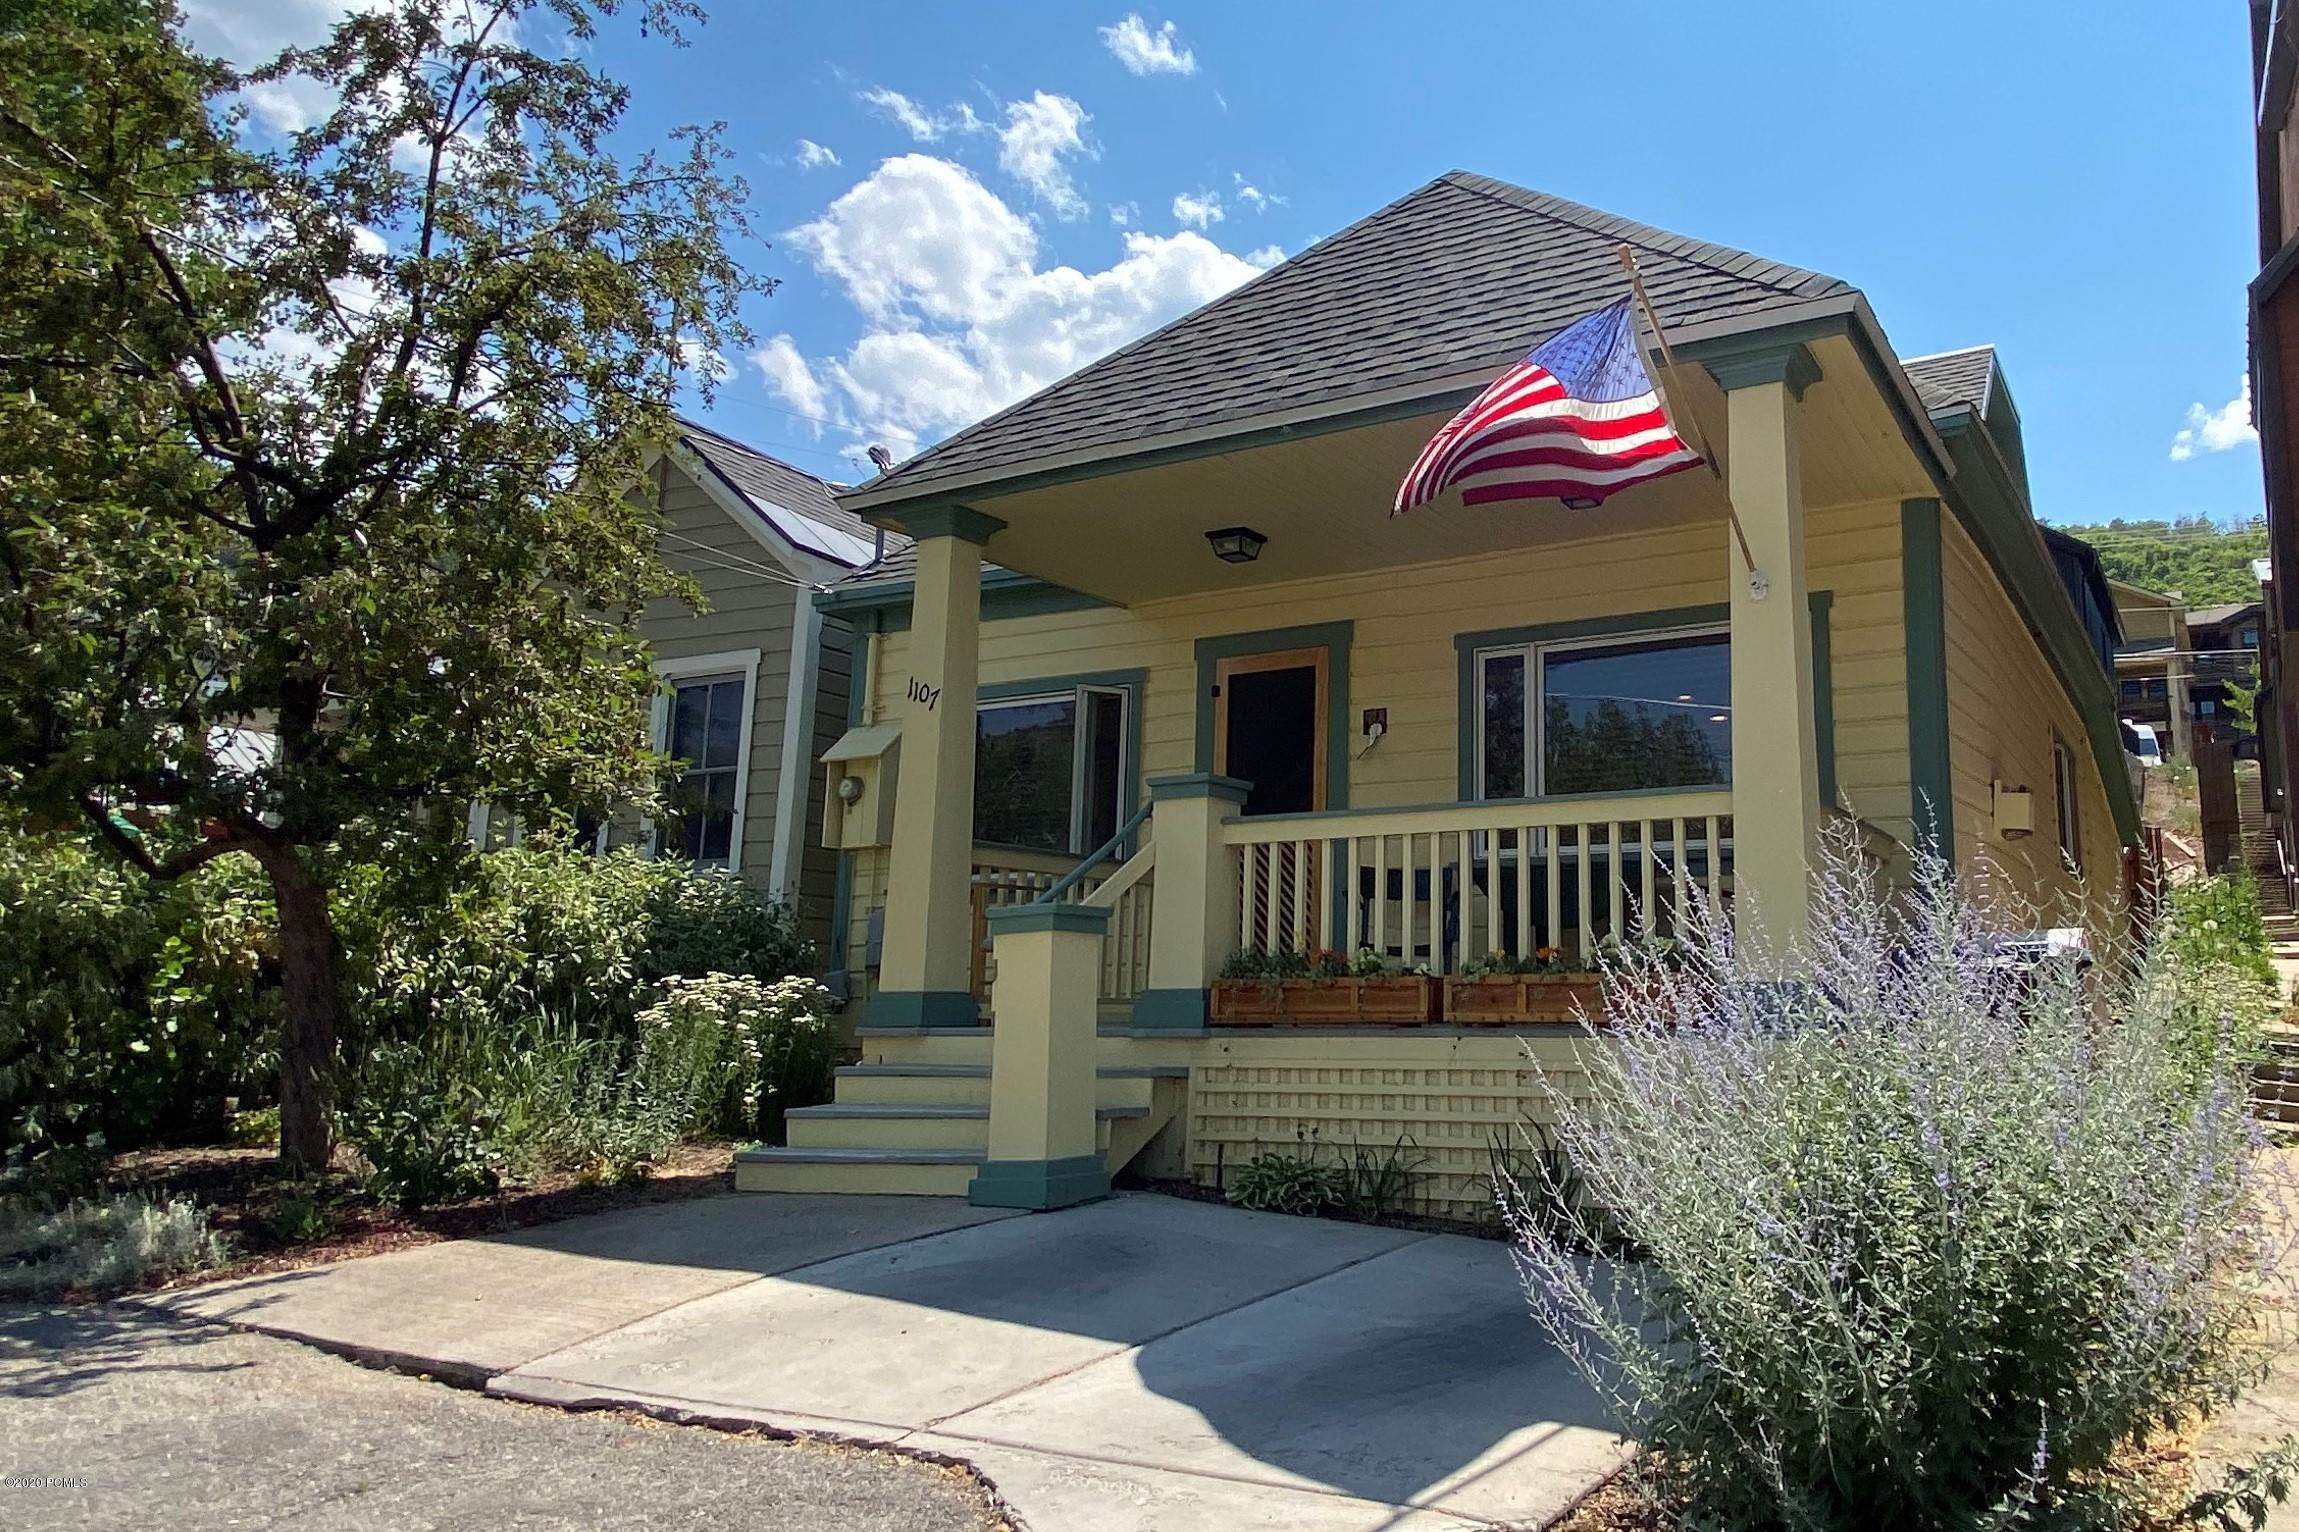 1107 Woodside Avenue, Park City, Utah 84060, 3 Bedrooms Bedrooms, ,2 BathroomsBathrooms,Single Family,For Sale,Woodside,12002583